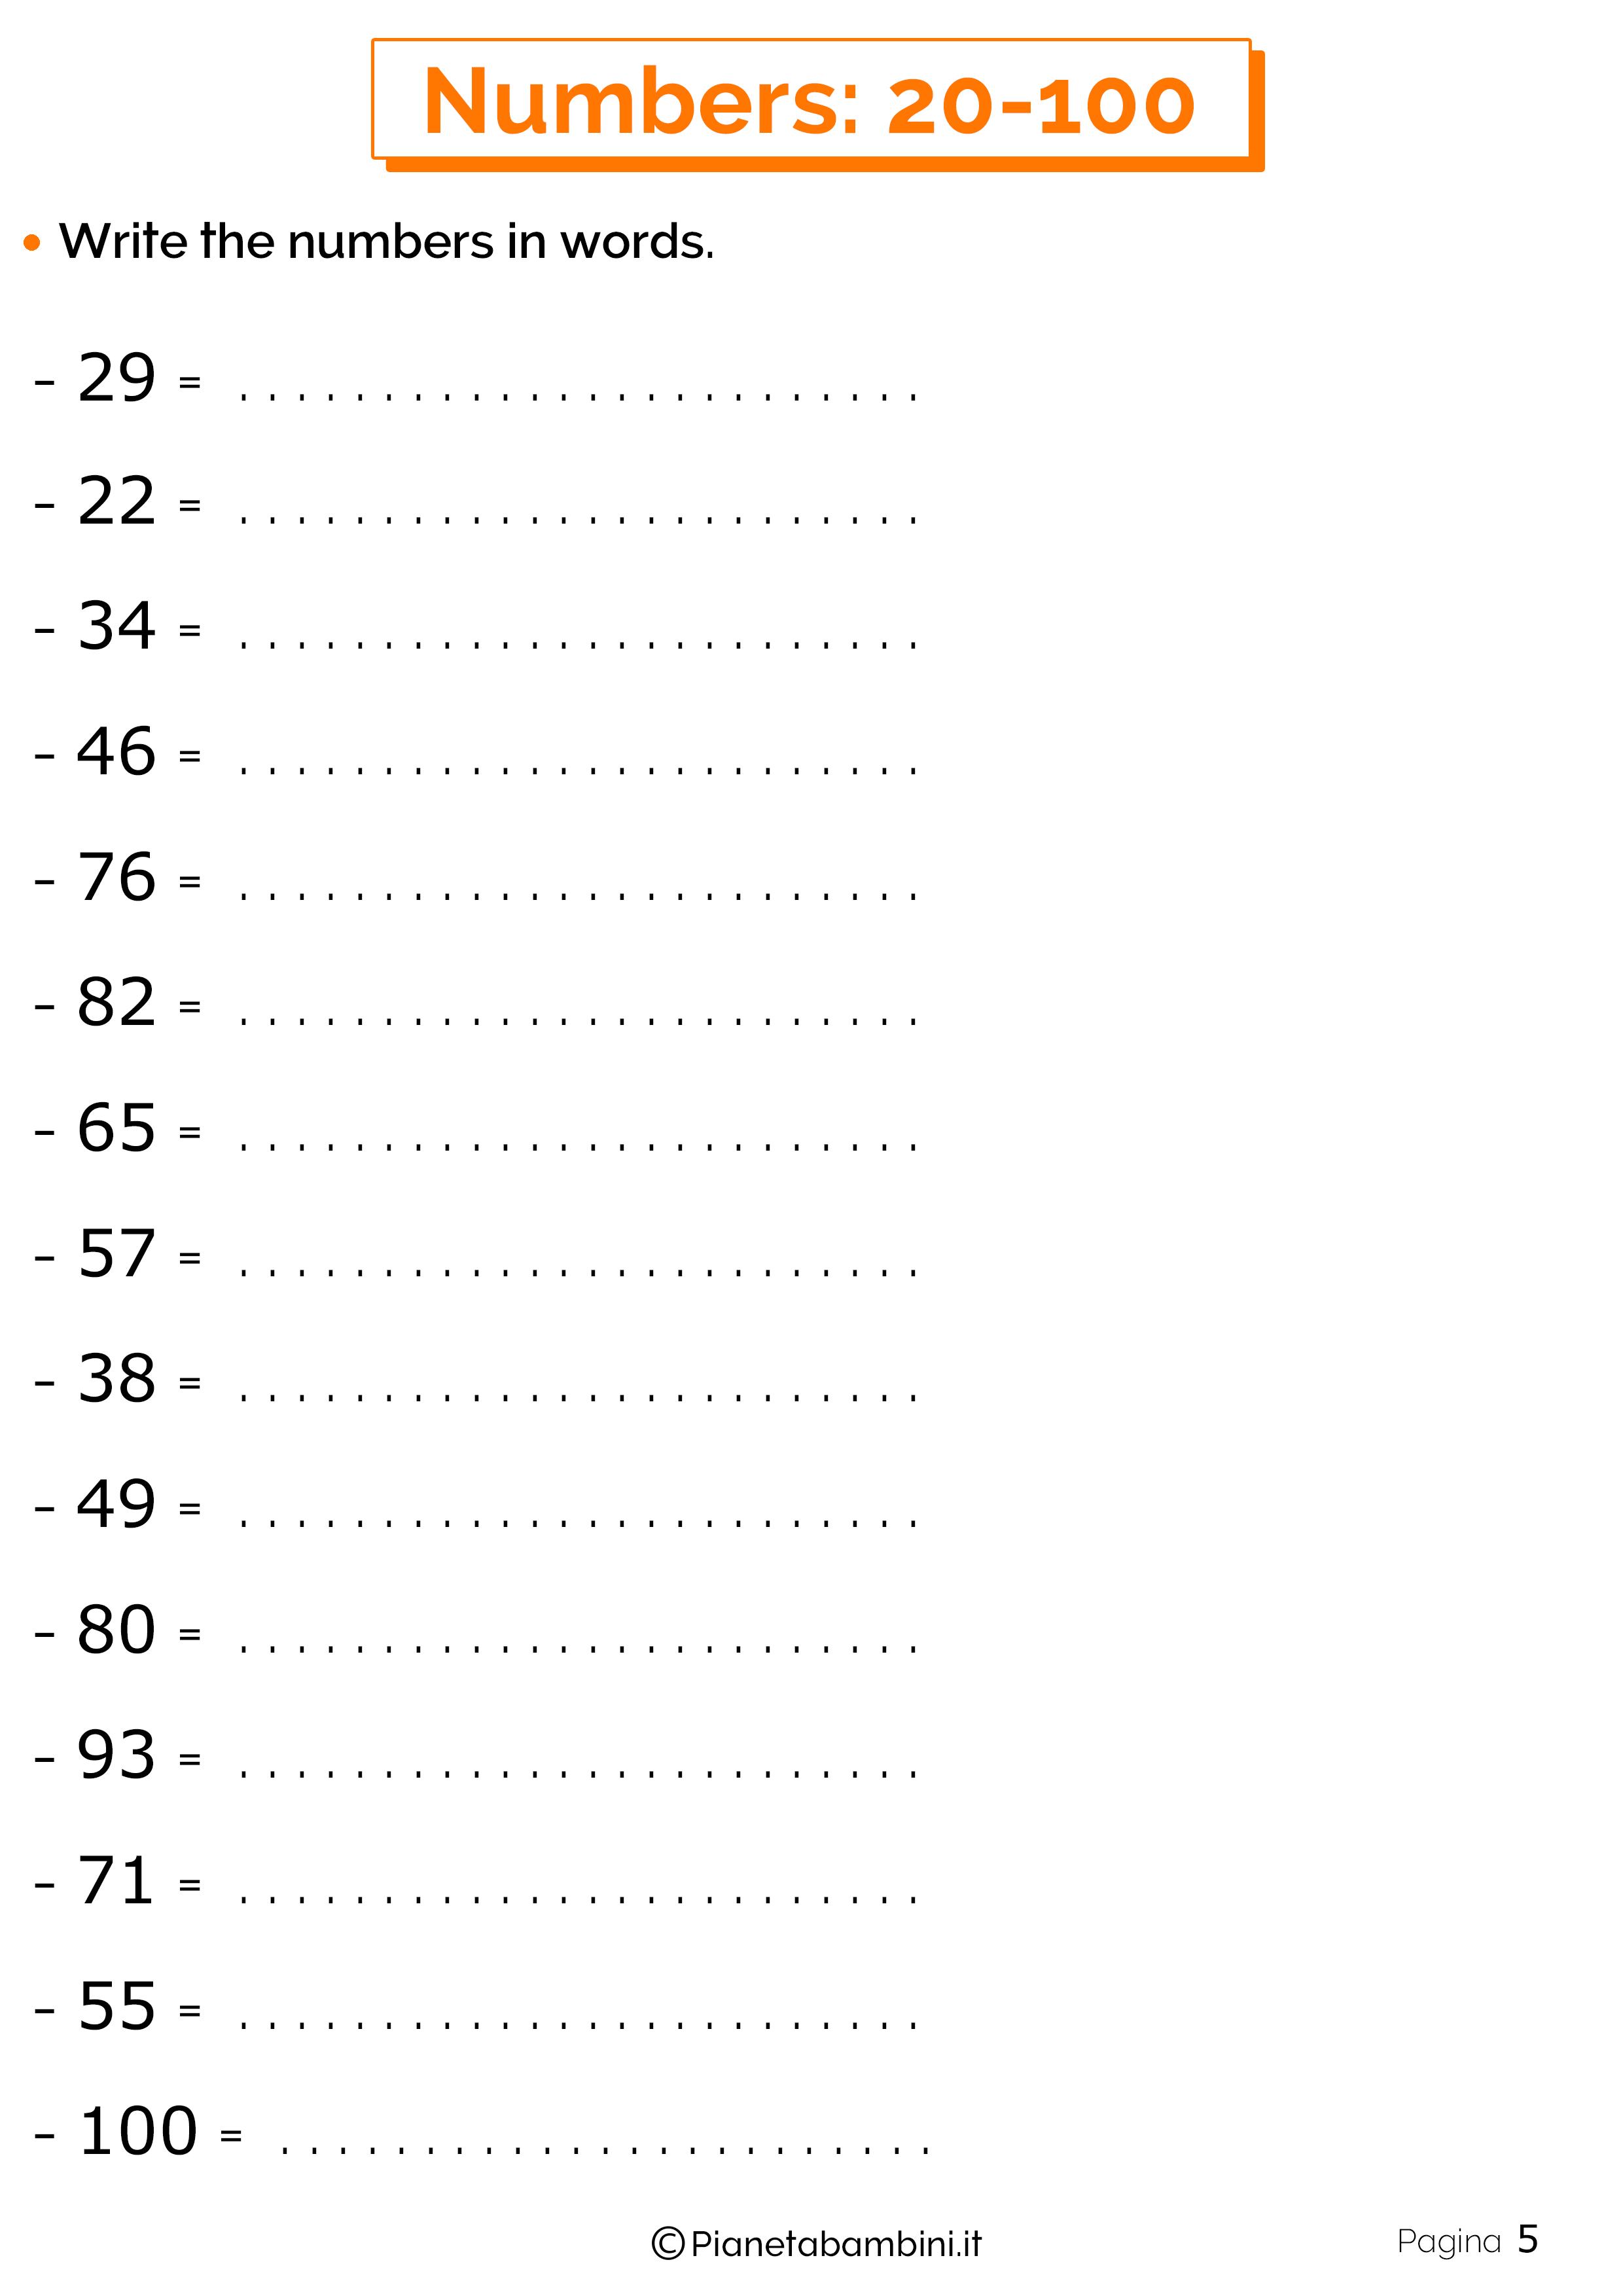 Esercizi sui numeri in inglese da 20 a 100 5